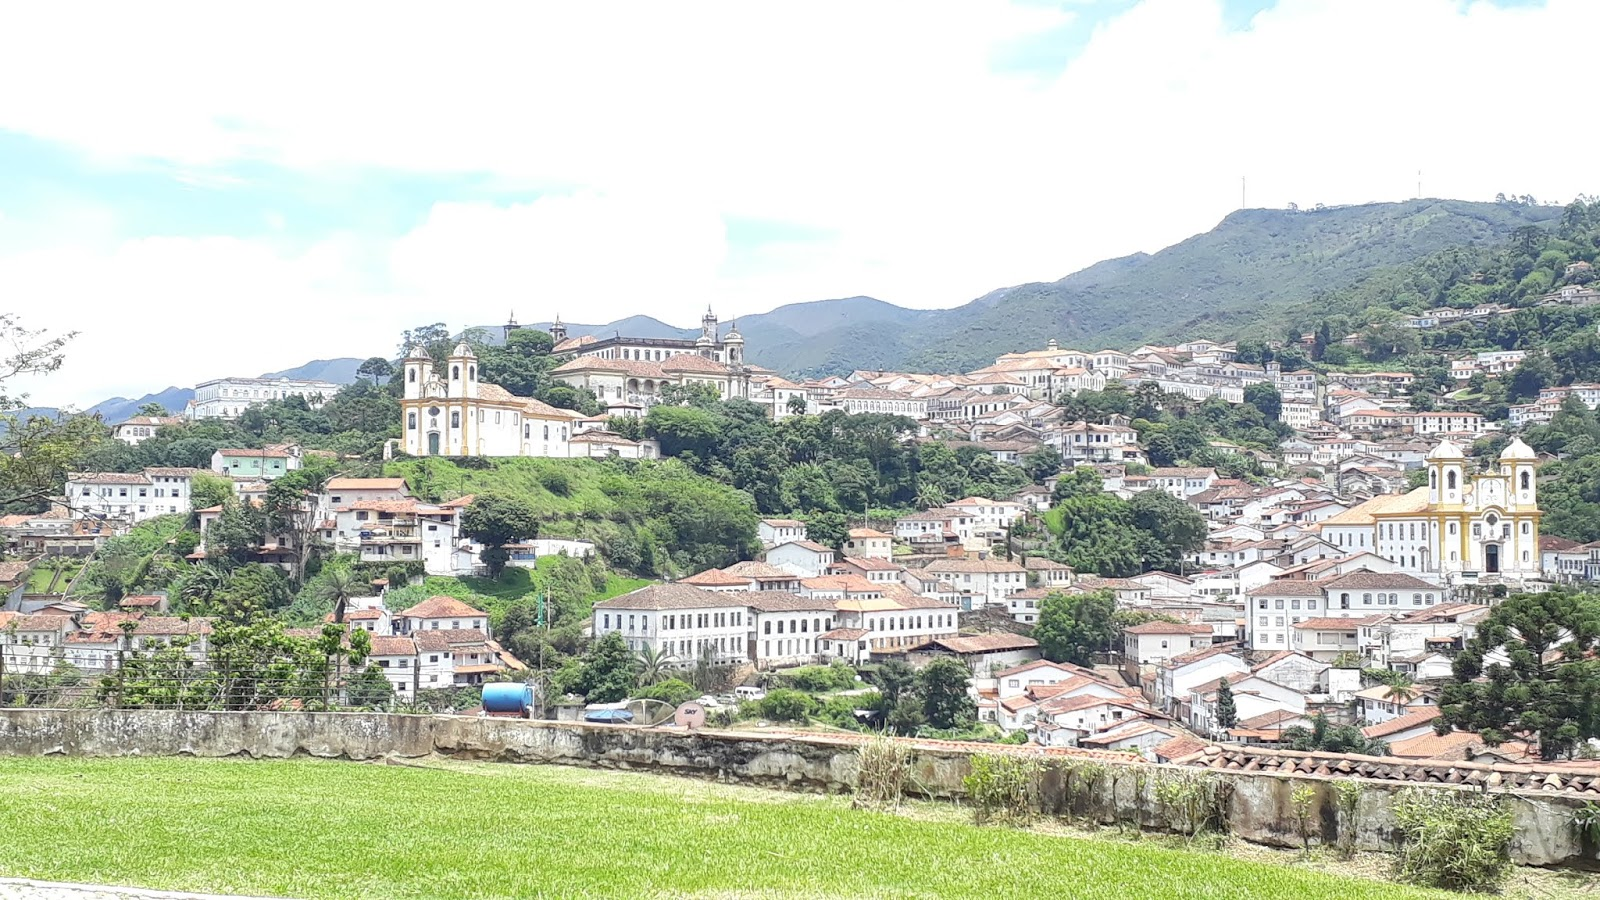 Vista para a cidade de Ouro Preto a partir da Igreja de nossa Senhora as Dores